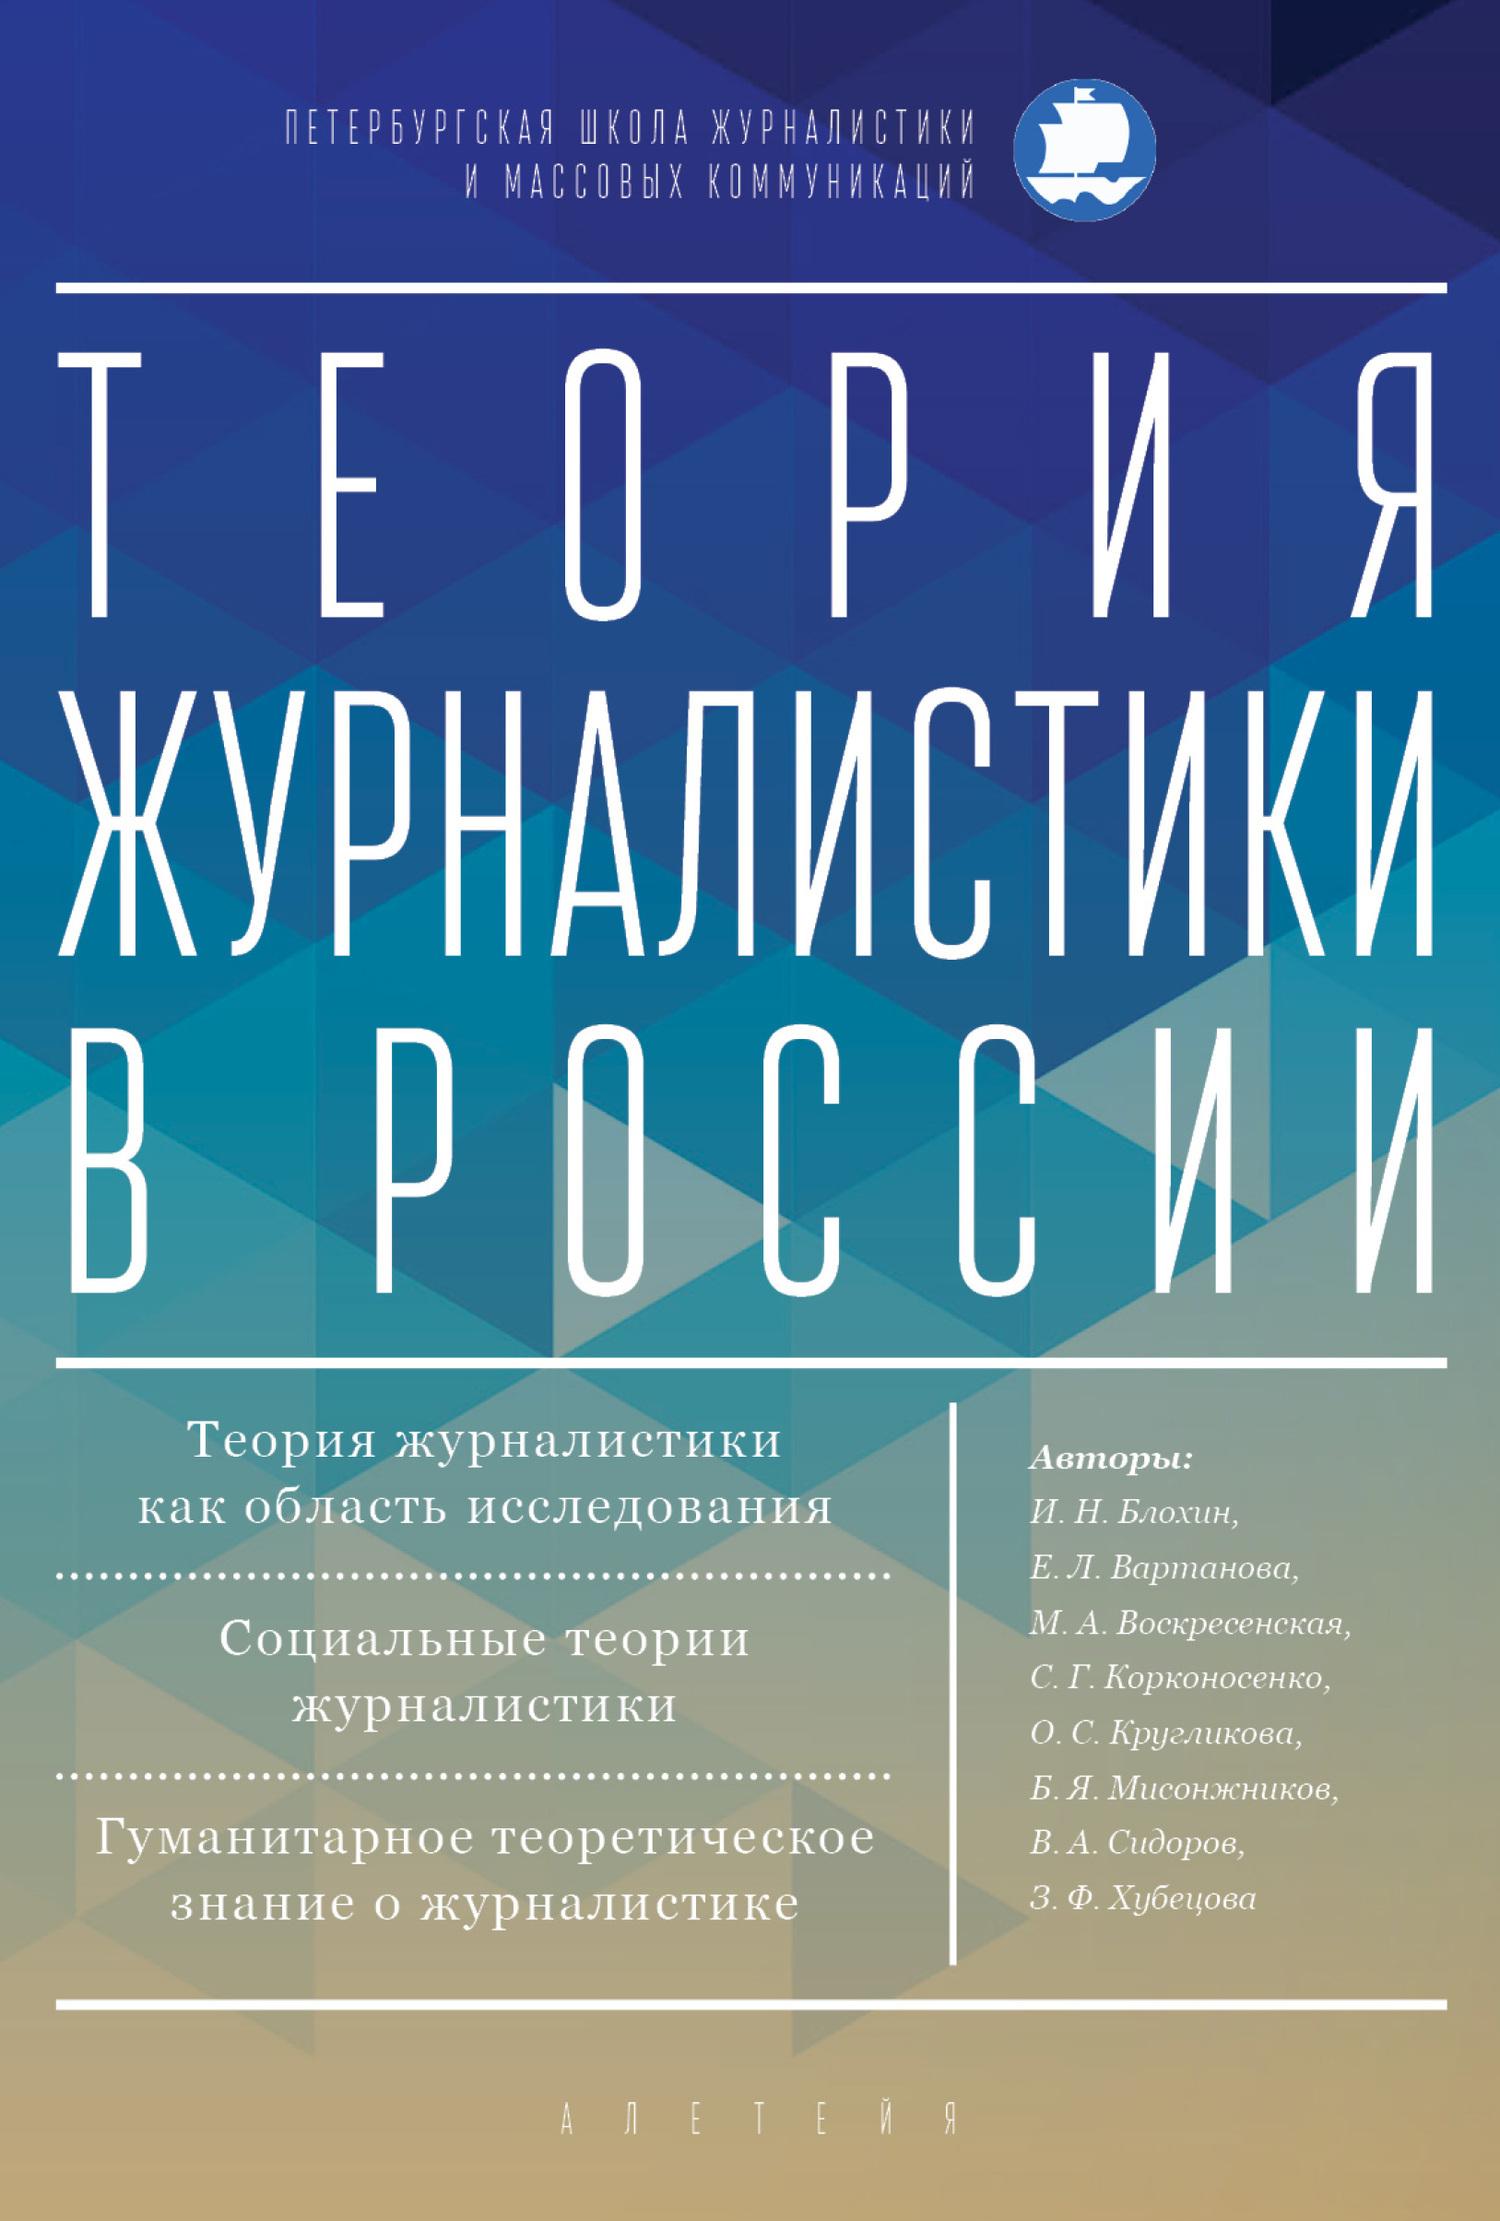 Теория журналистики в России